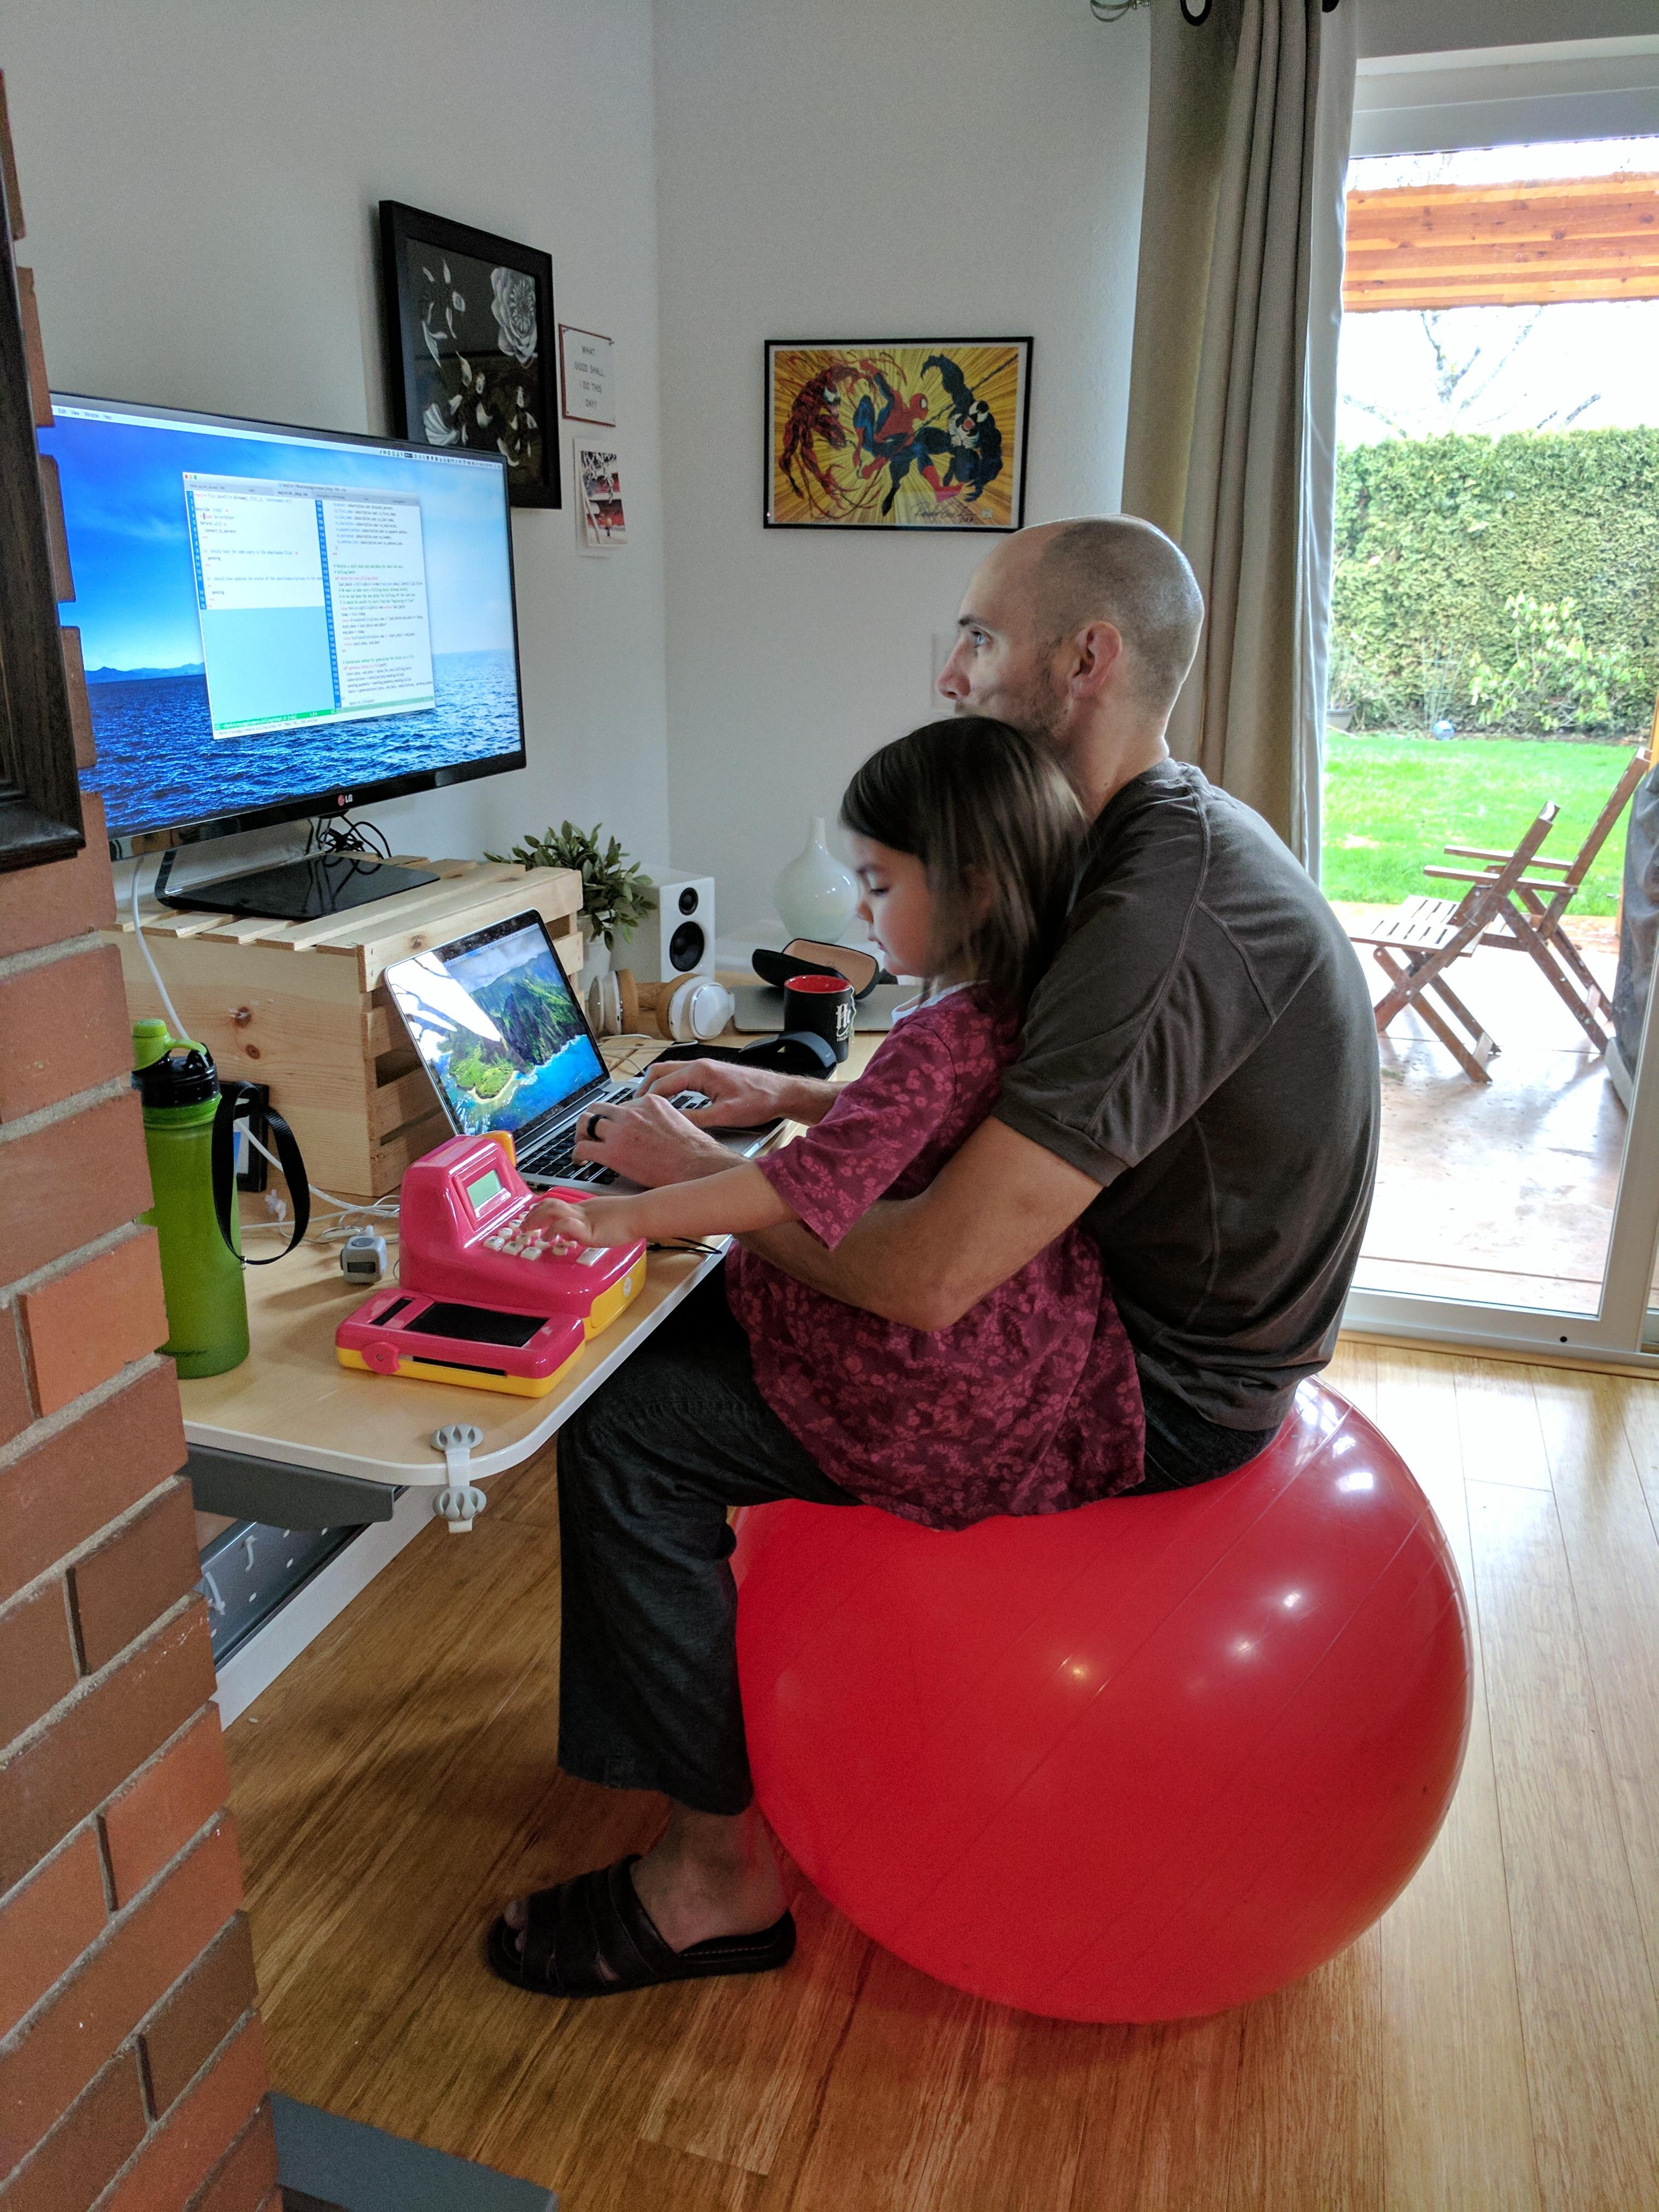 Crazy Egg's John Butler on remote work